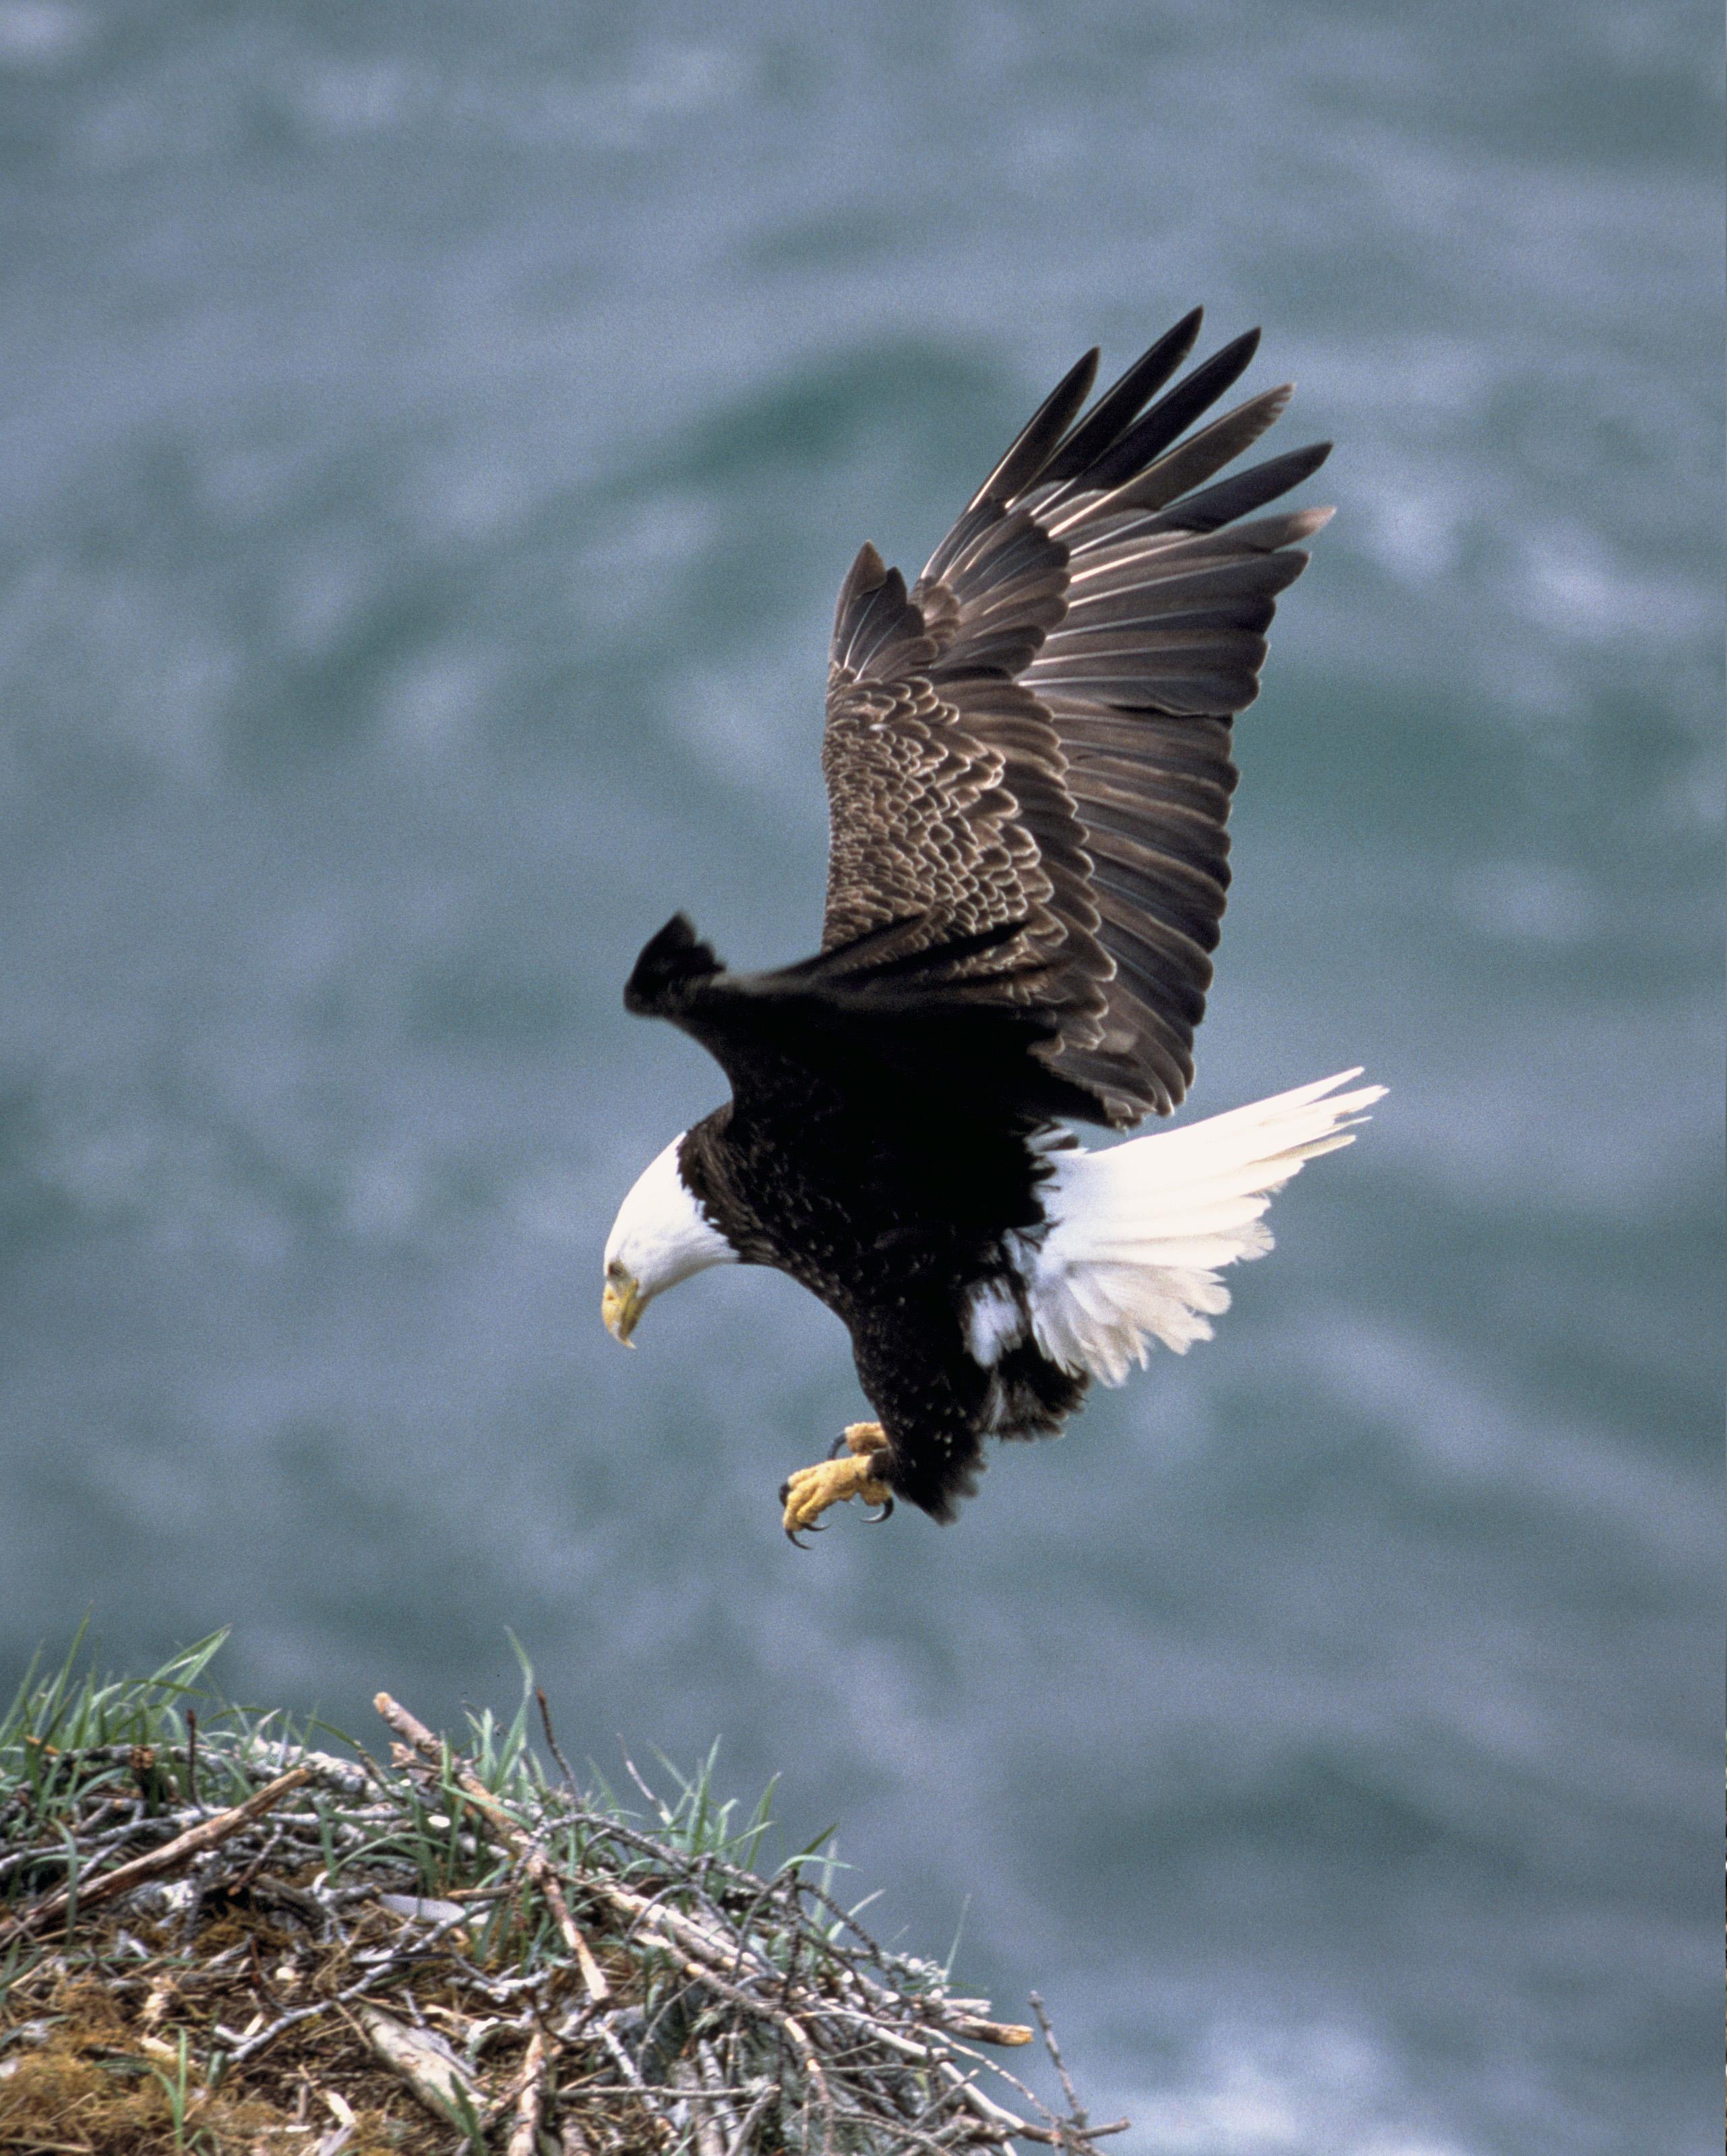 Der Weißkopfseeadler ist der Wappenvogel der Vereinigten Staaten.